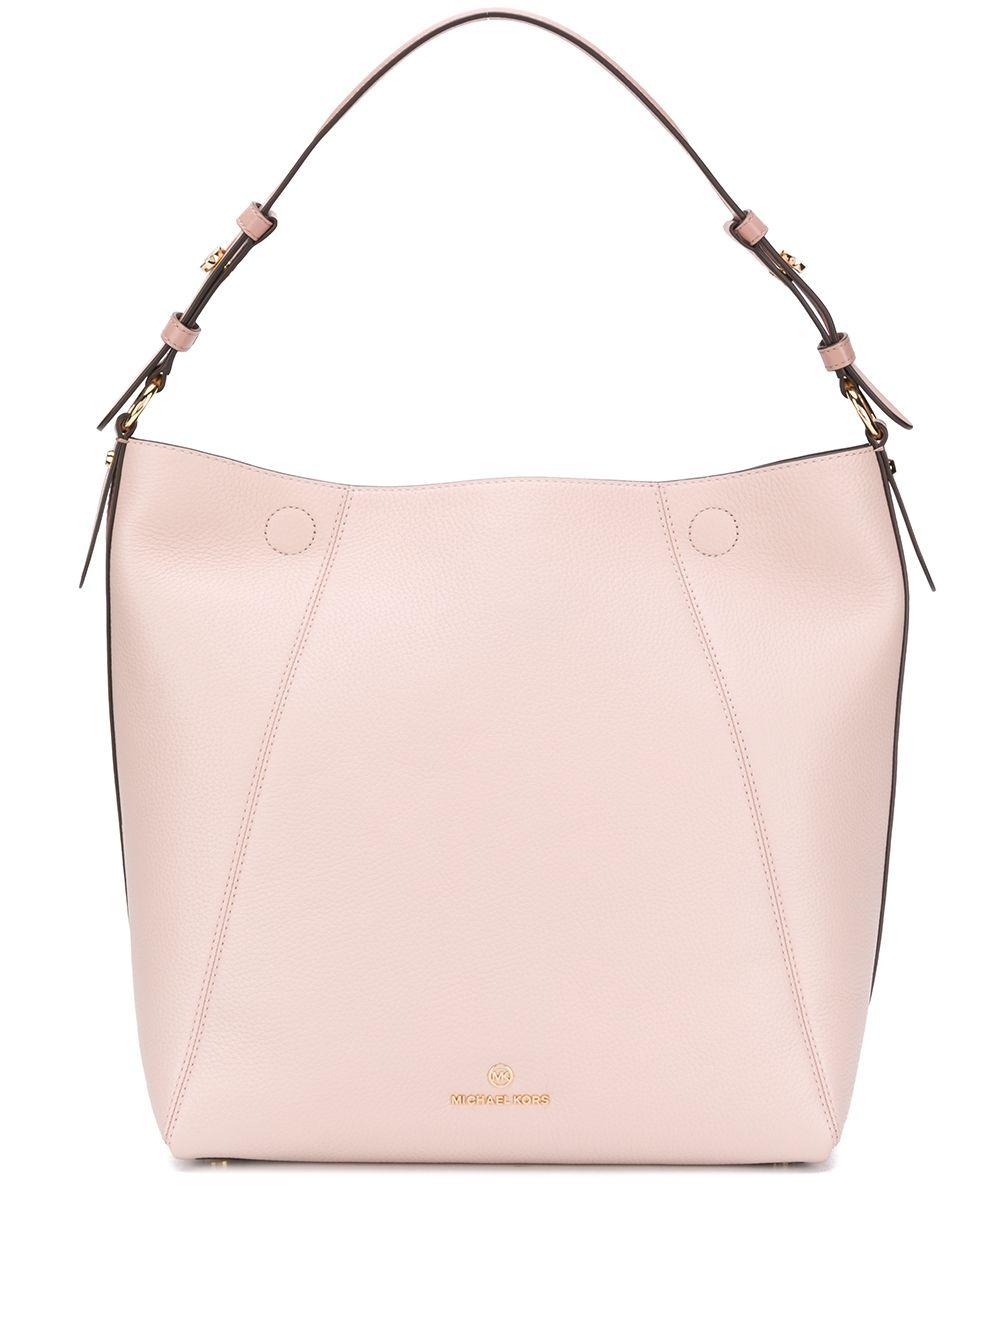 Lucy Large Leather Shoulder Bag